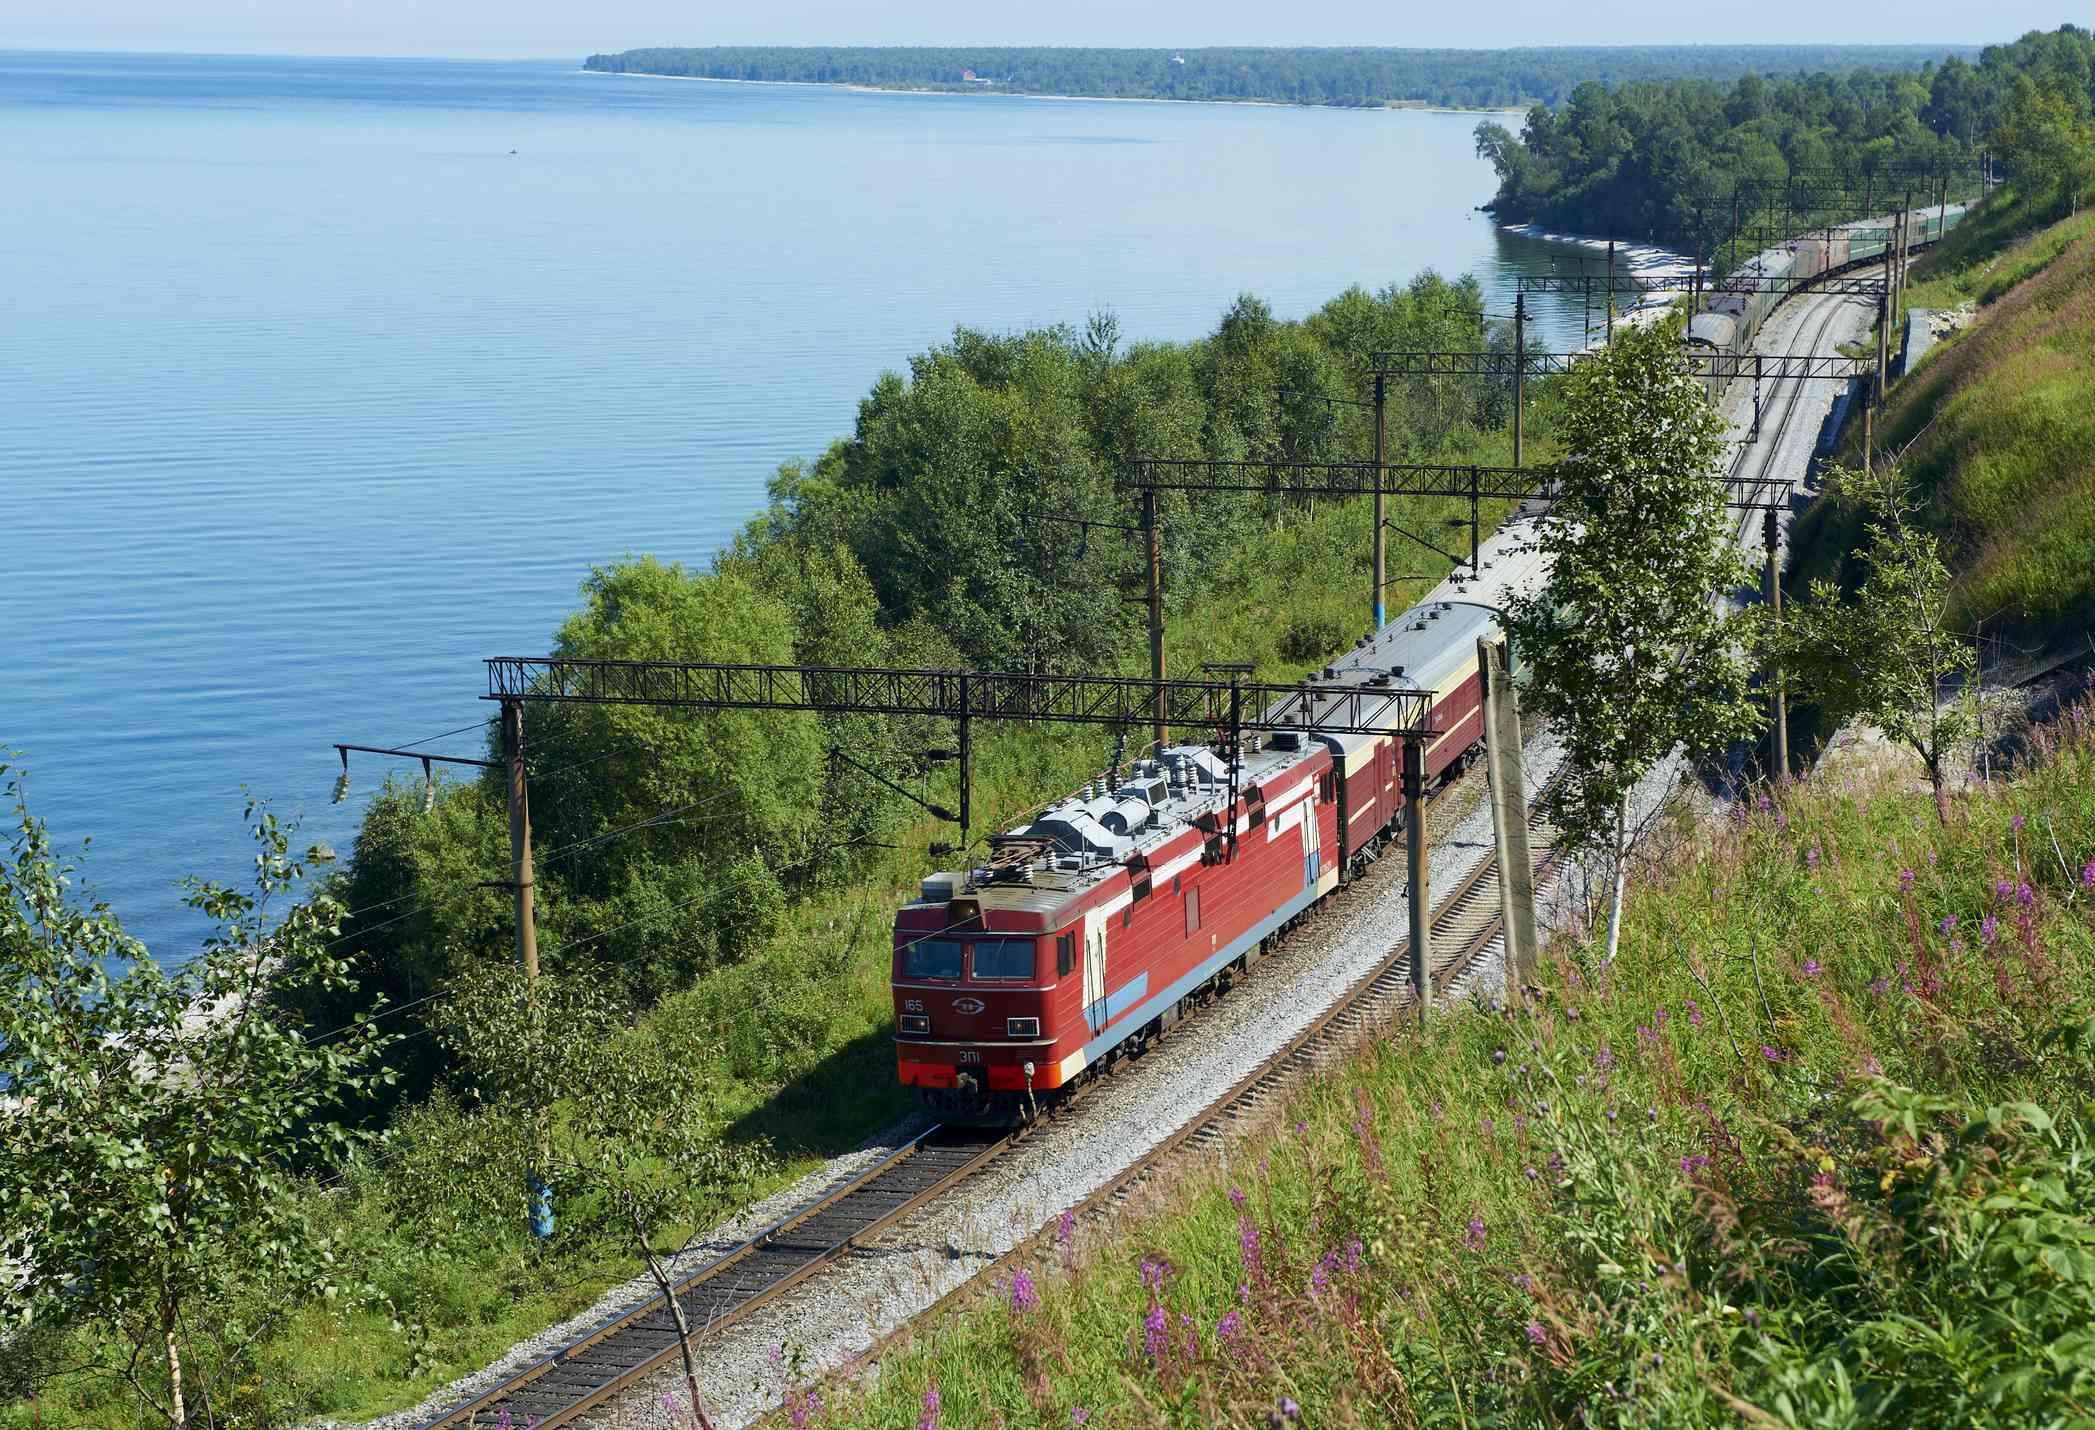 Trans-Siberian train running alongside Baikal Lake, Russia